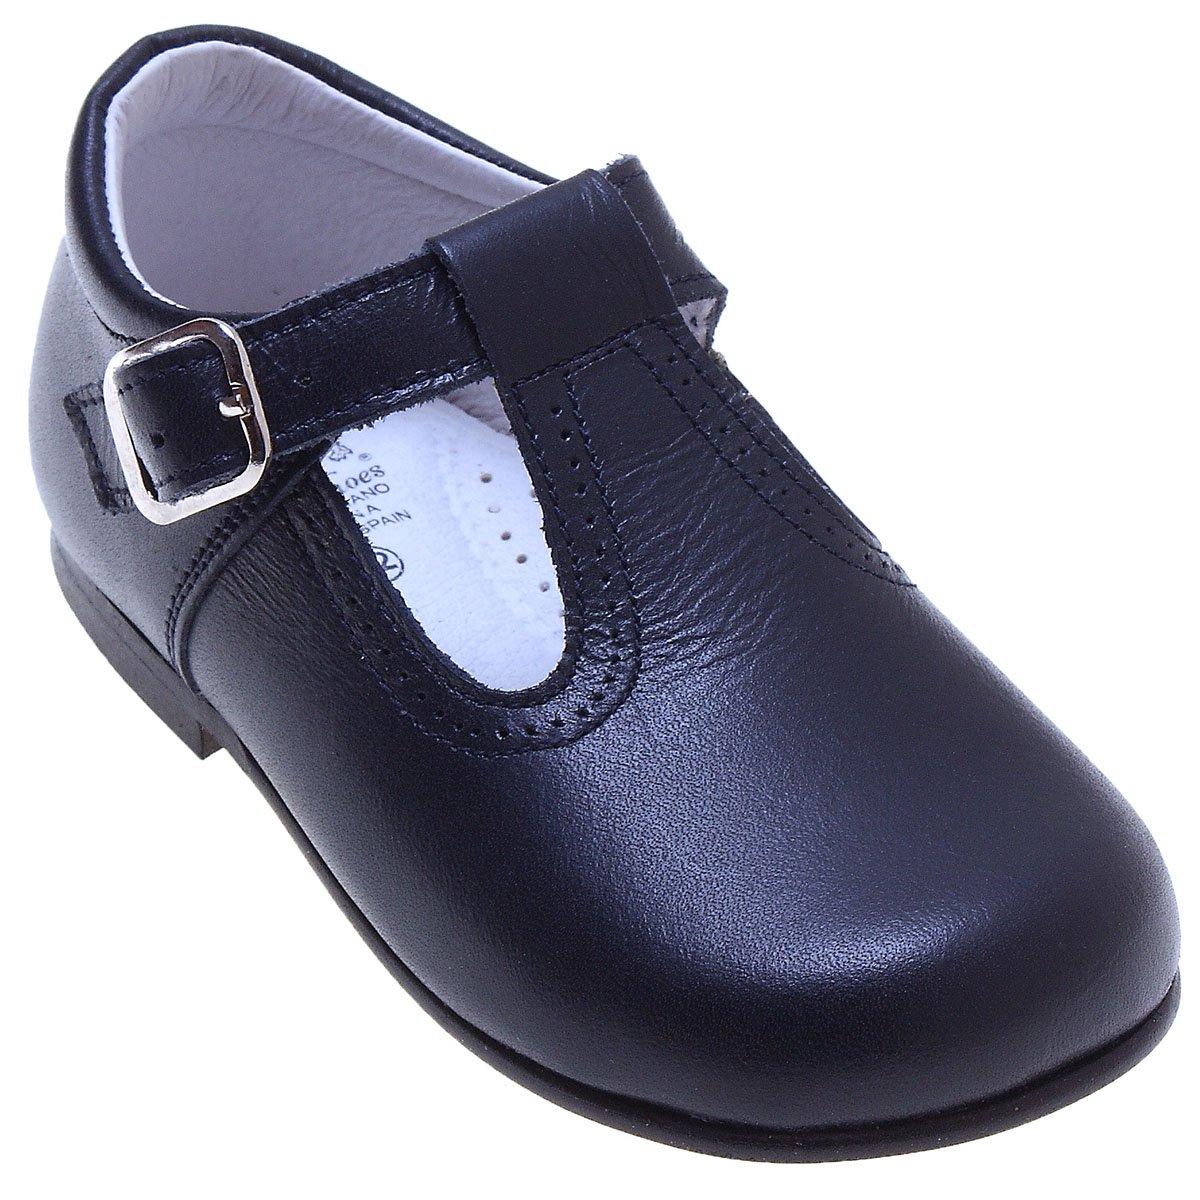 Spanish Made Shoes Uk